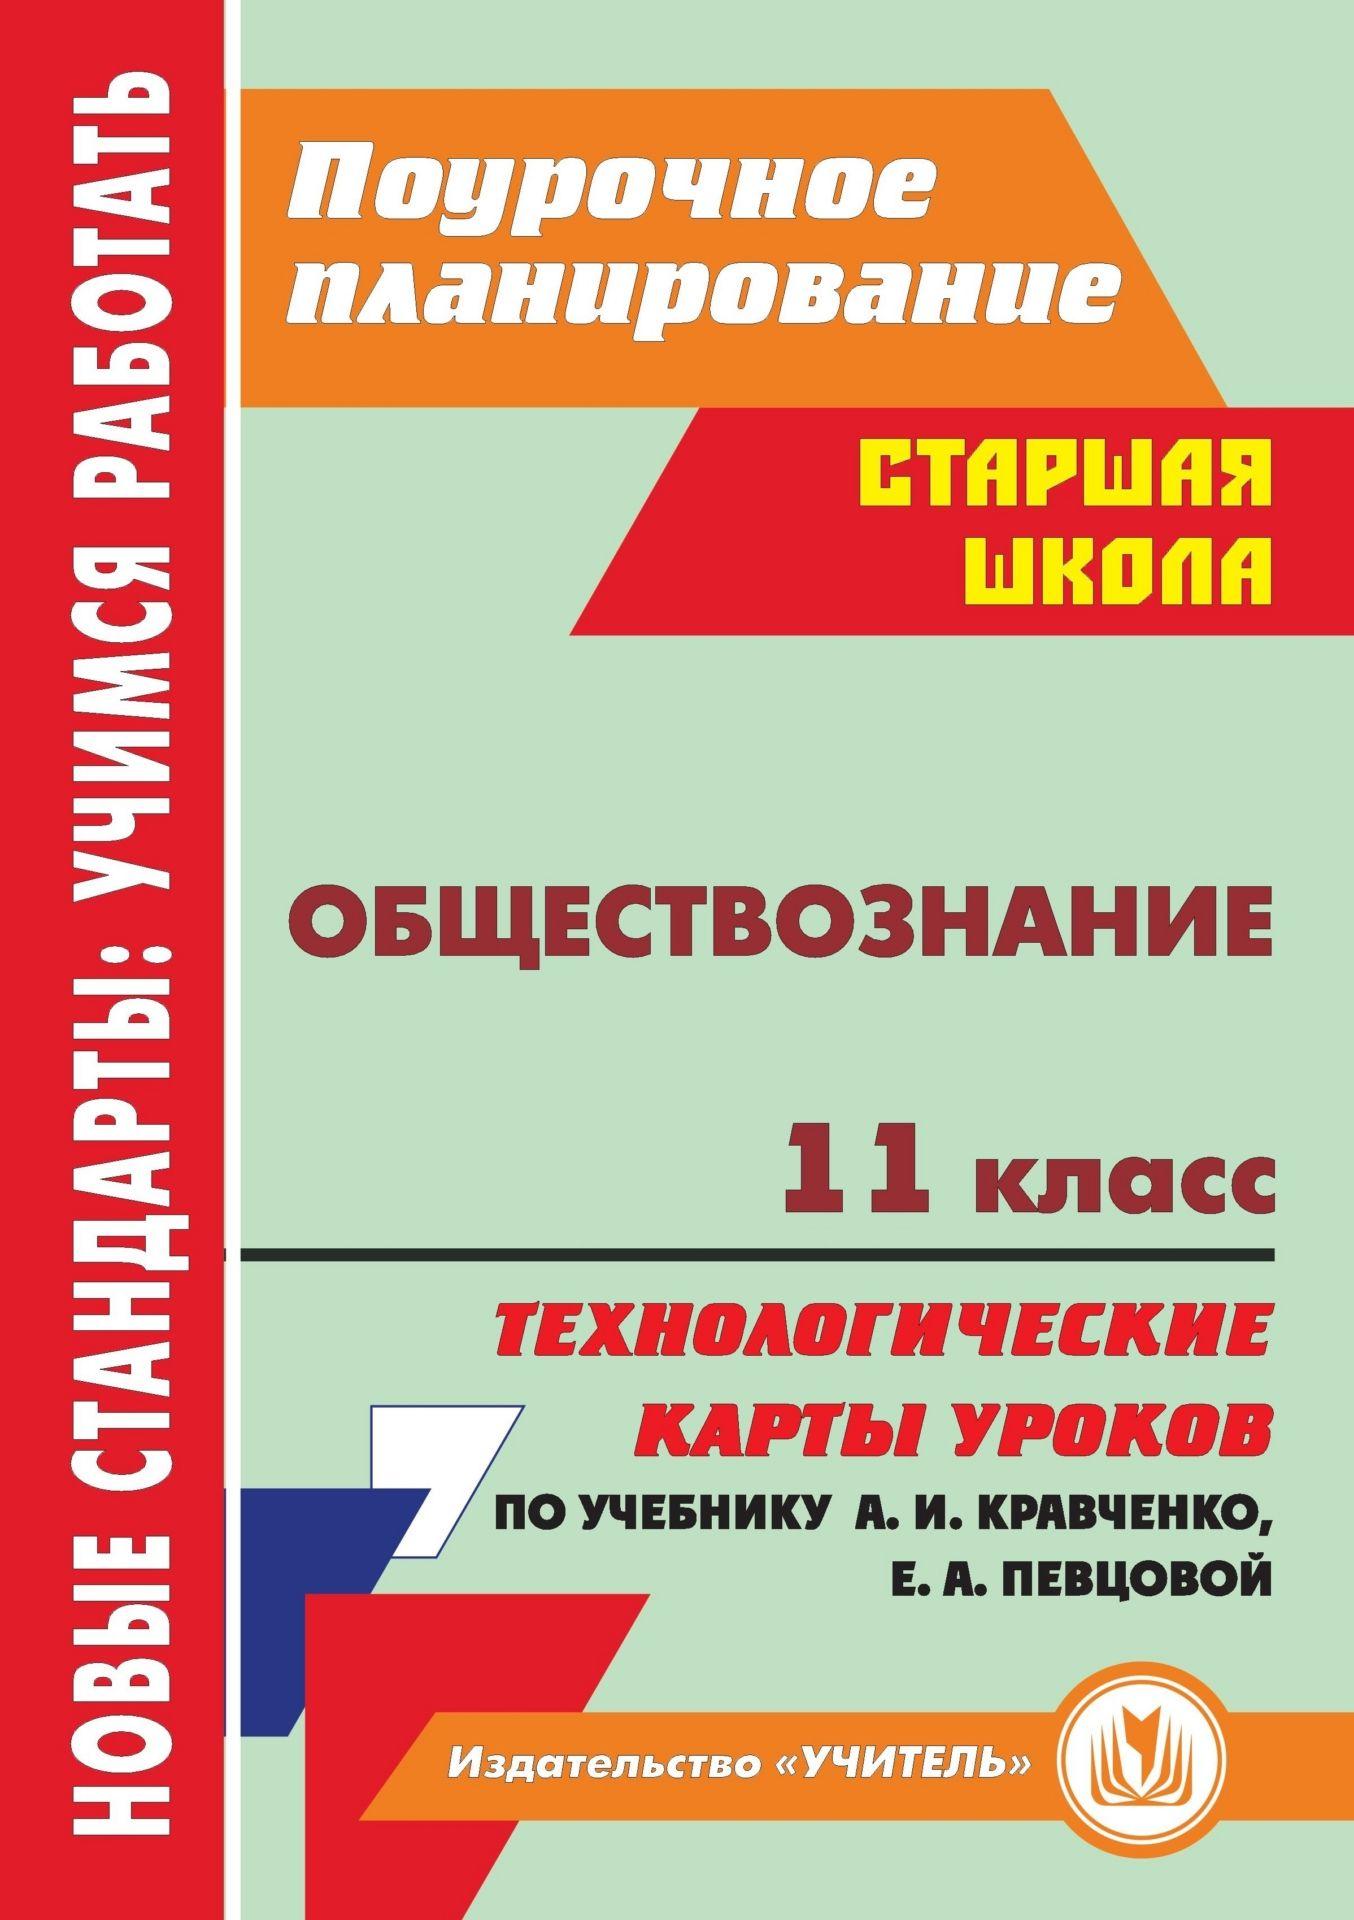 Обществознание. 11 класс: технологические карты уроков по учебнику А. И. Кравченко, Е. А. Певцовой